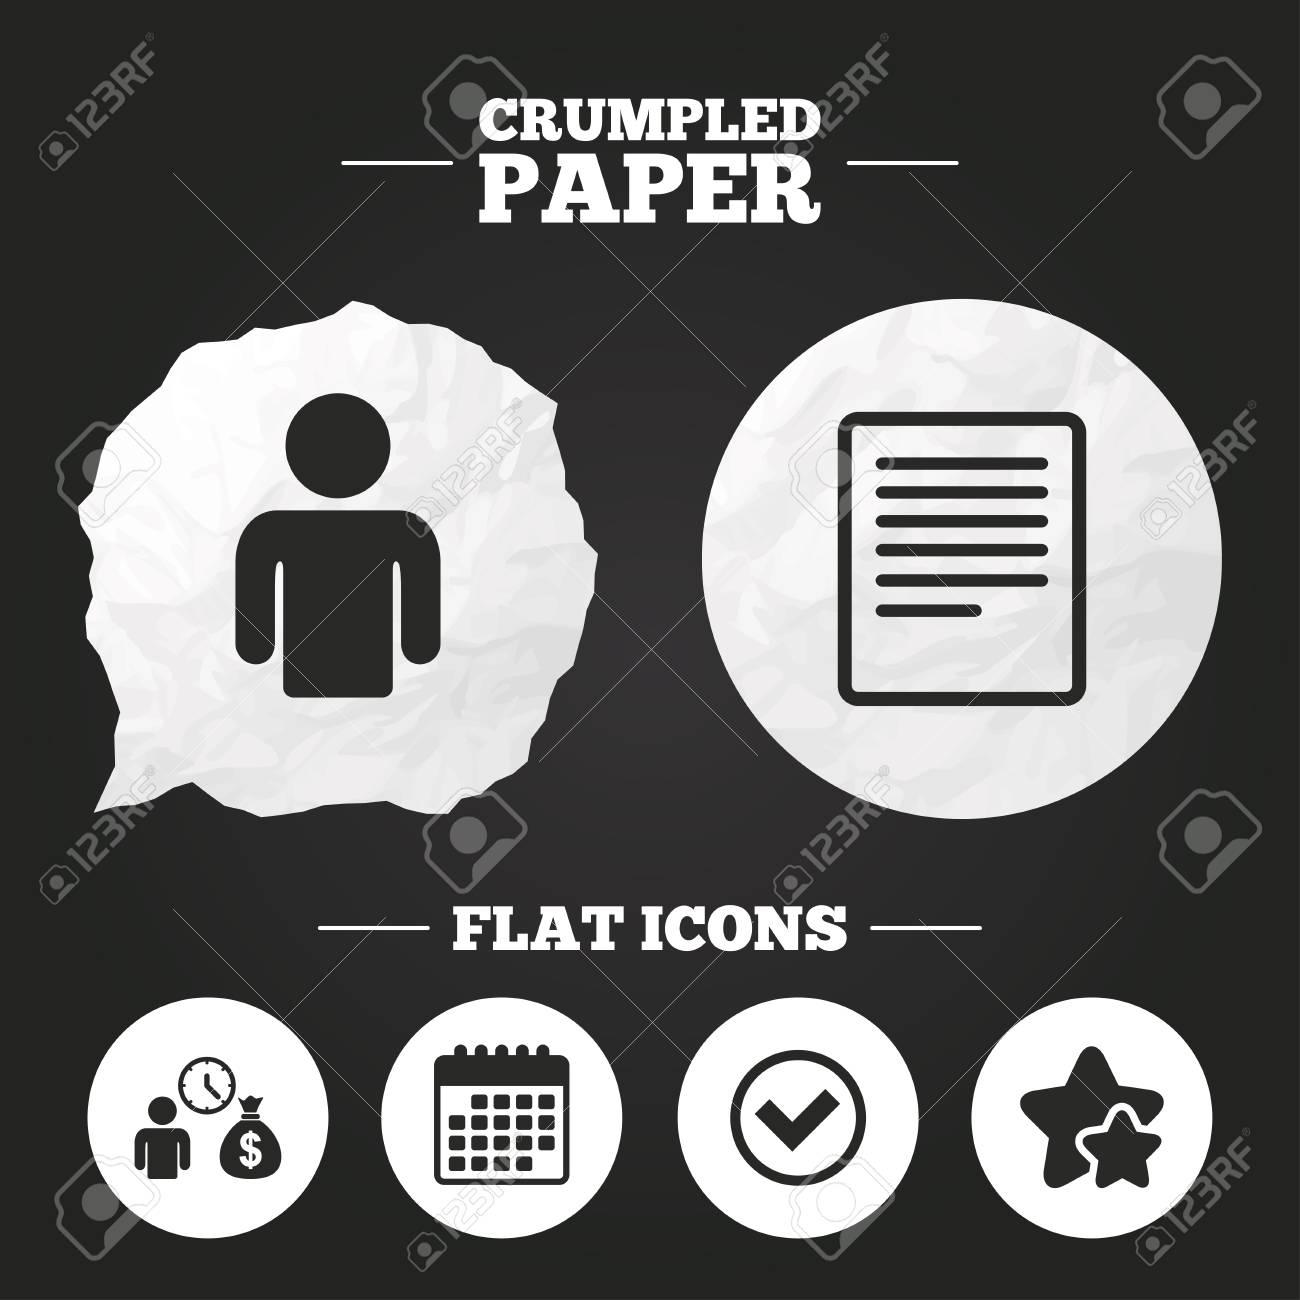 Crumpled Paper Speech Bubble Bank Loans Icons Cash Money Bag